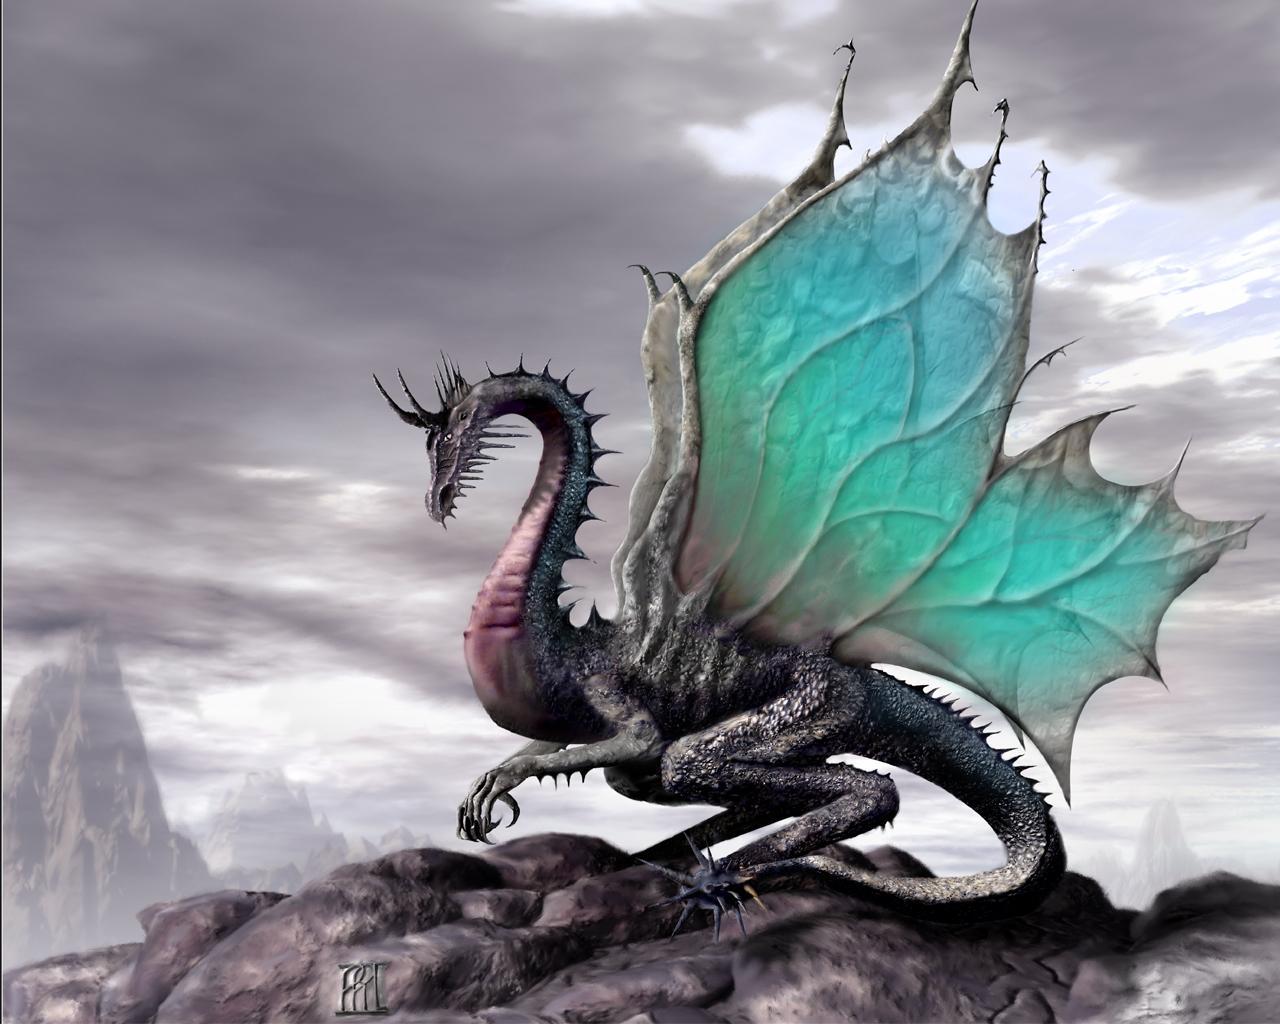 Большой дракон, фото, обои для рабочего стола, скачать бесплатно